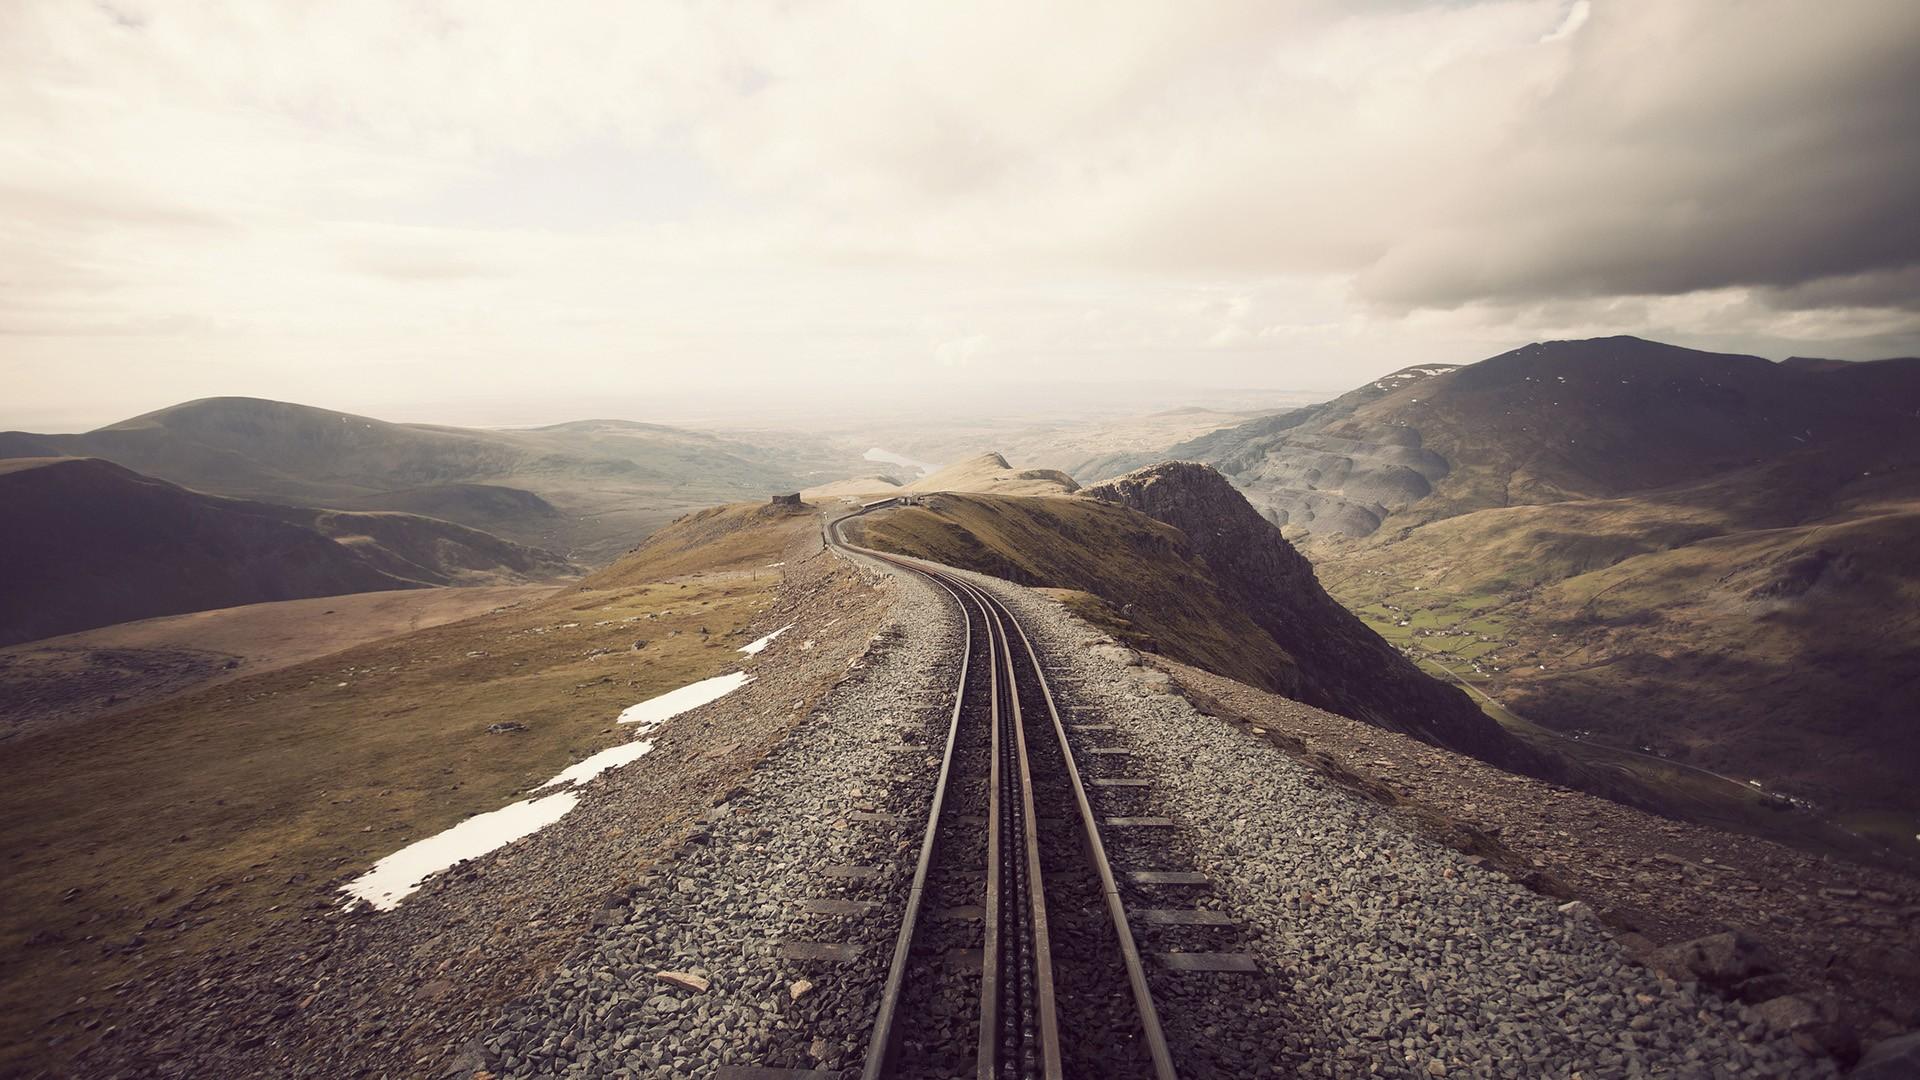 Fondos Vías de ferrocarril (Railroad Tracks) ADNFriki (9)